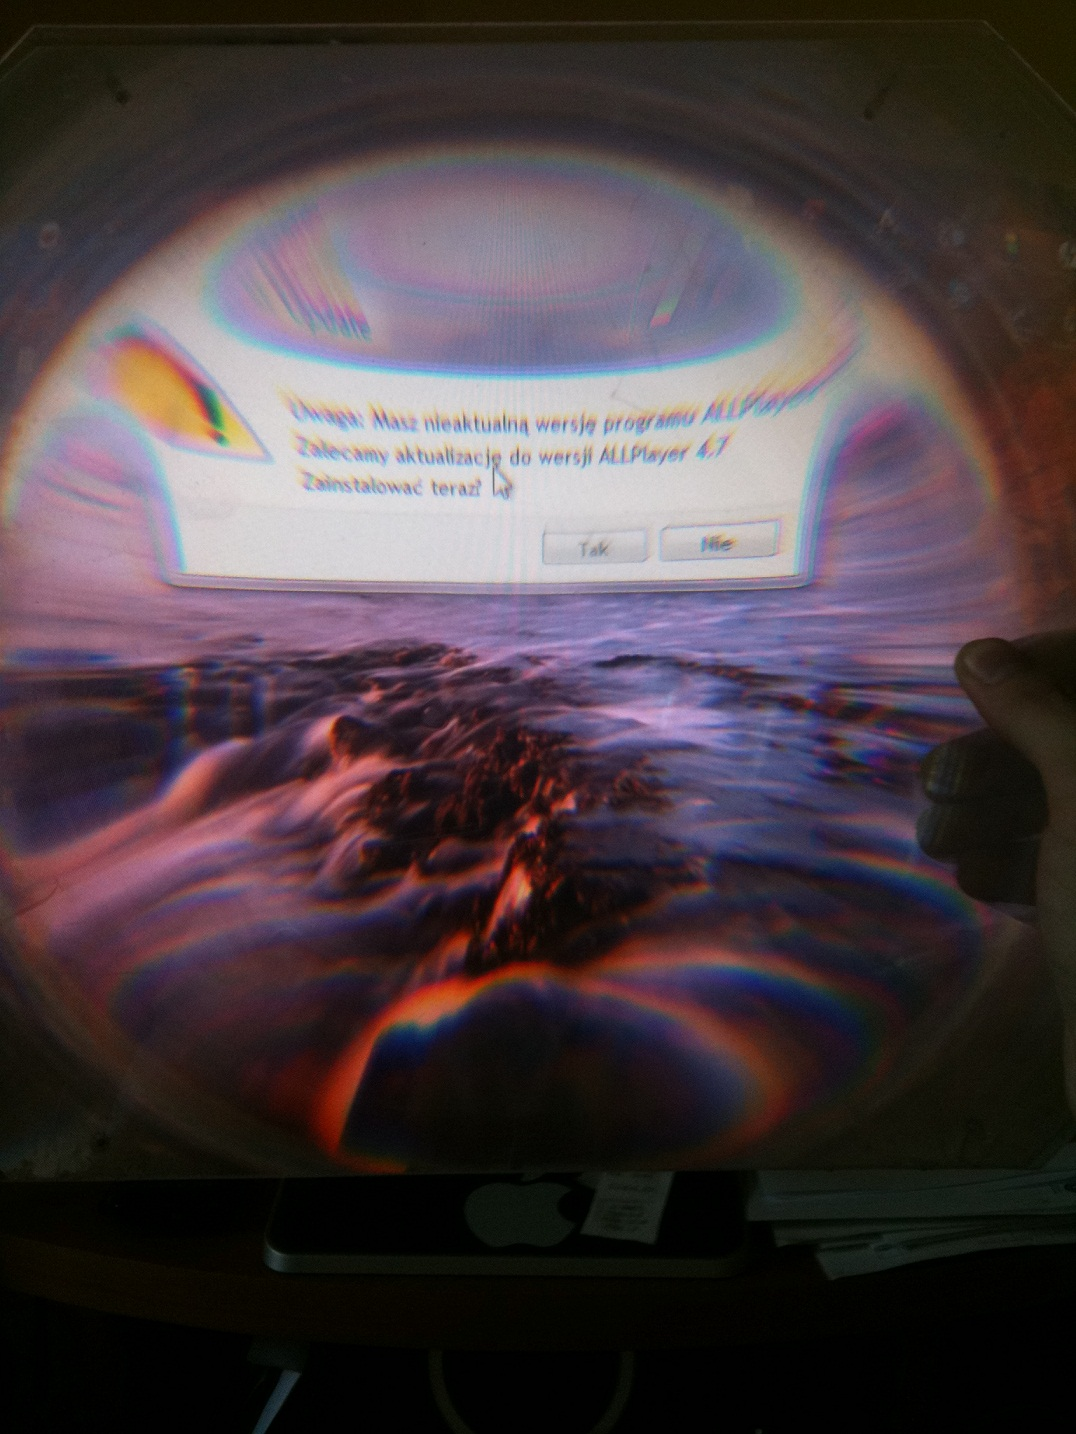 Prawdziwy projektor multimedialny